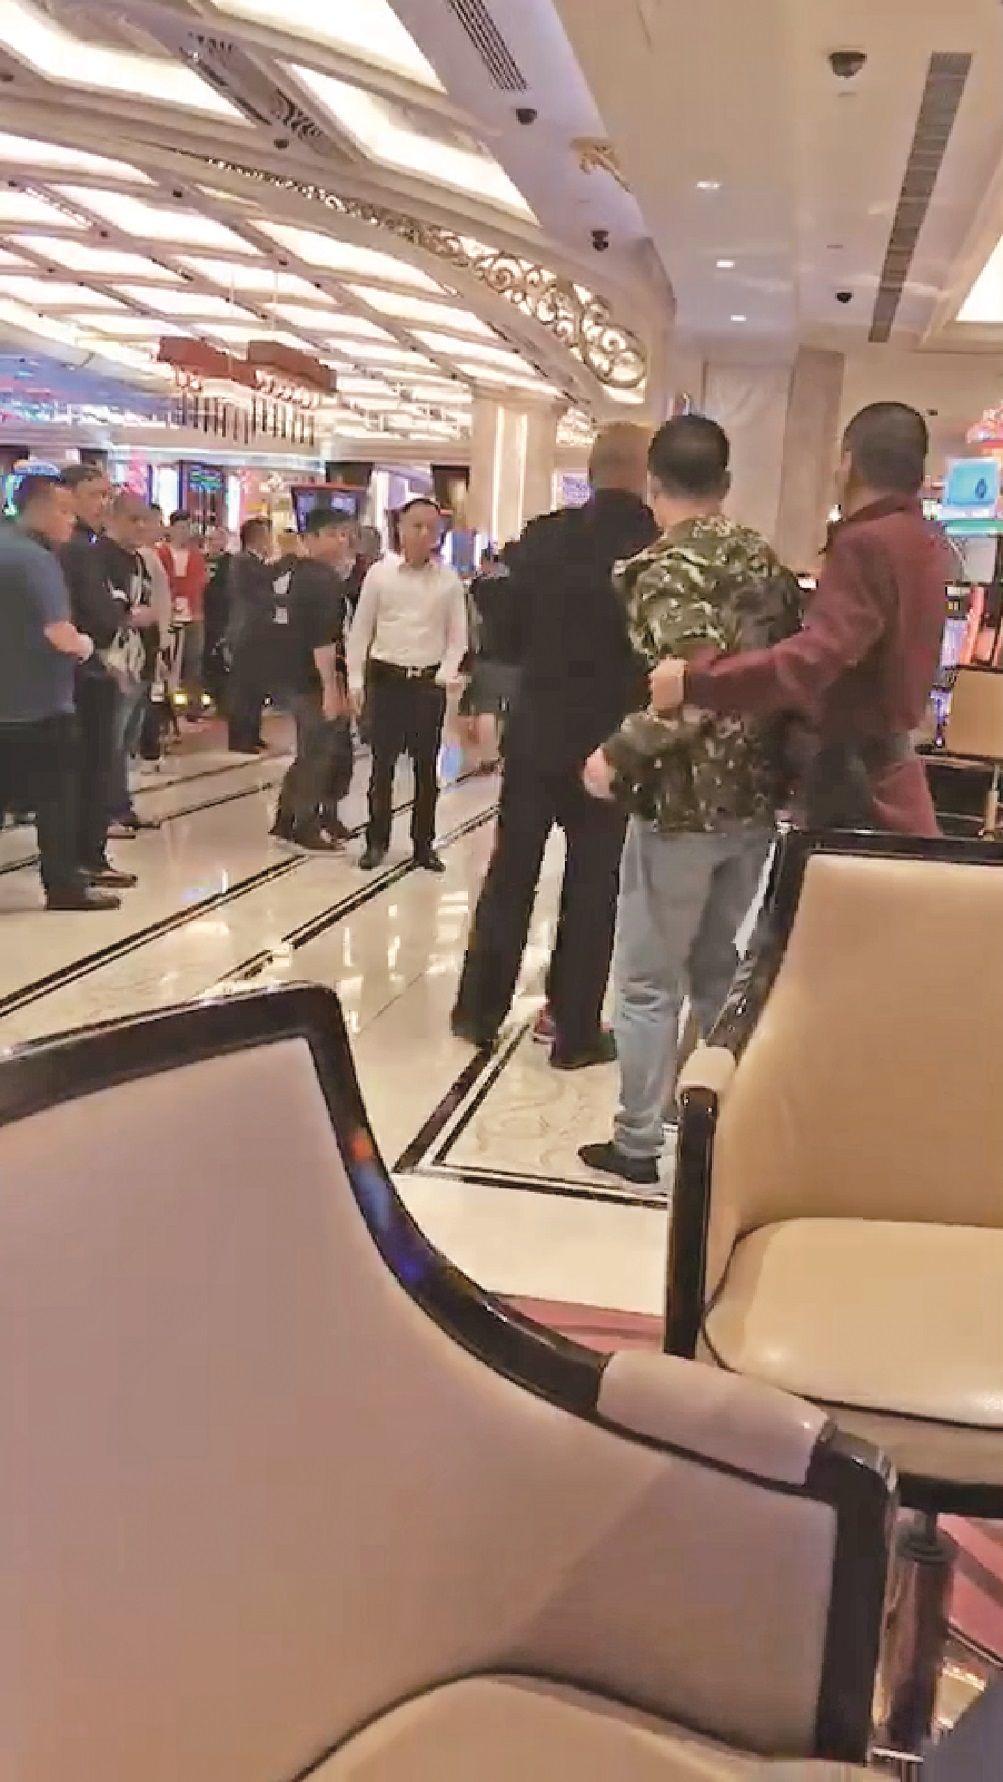 拳腳互毆飛椅互擲